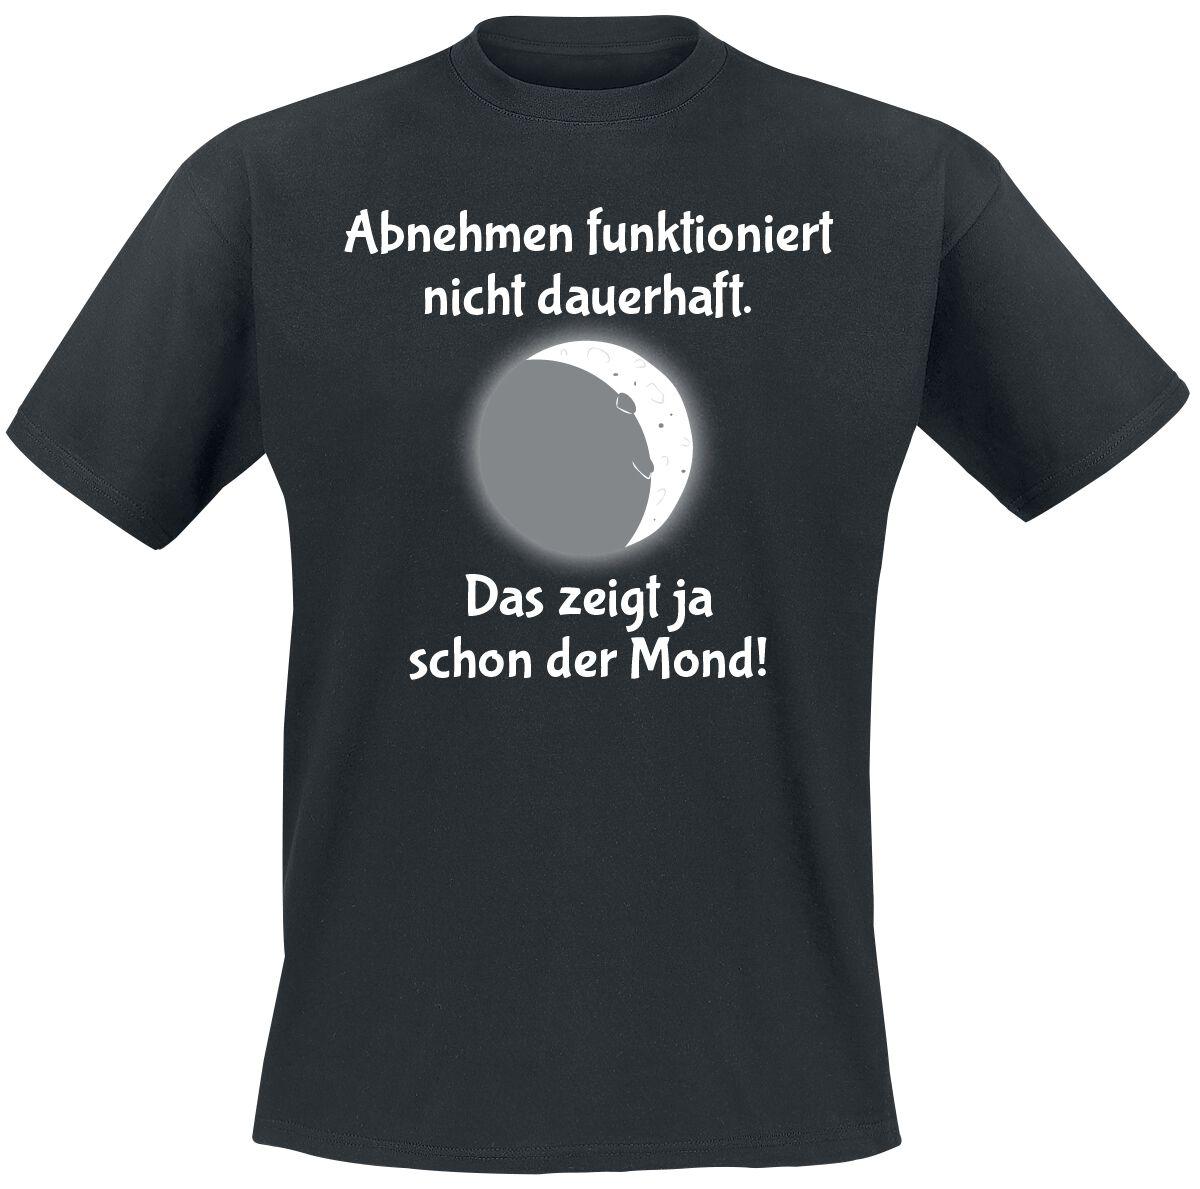 Image of Abnehmen funktioniert nicht dauerhaft. T-Shirt schwarz